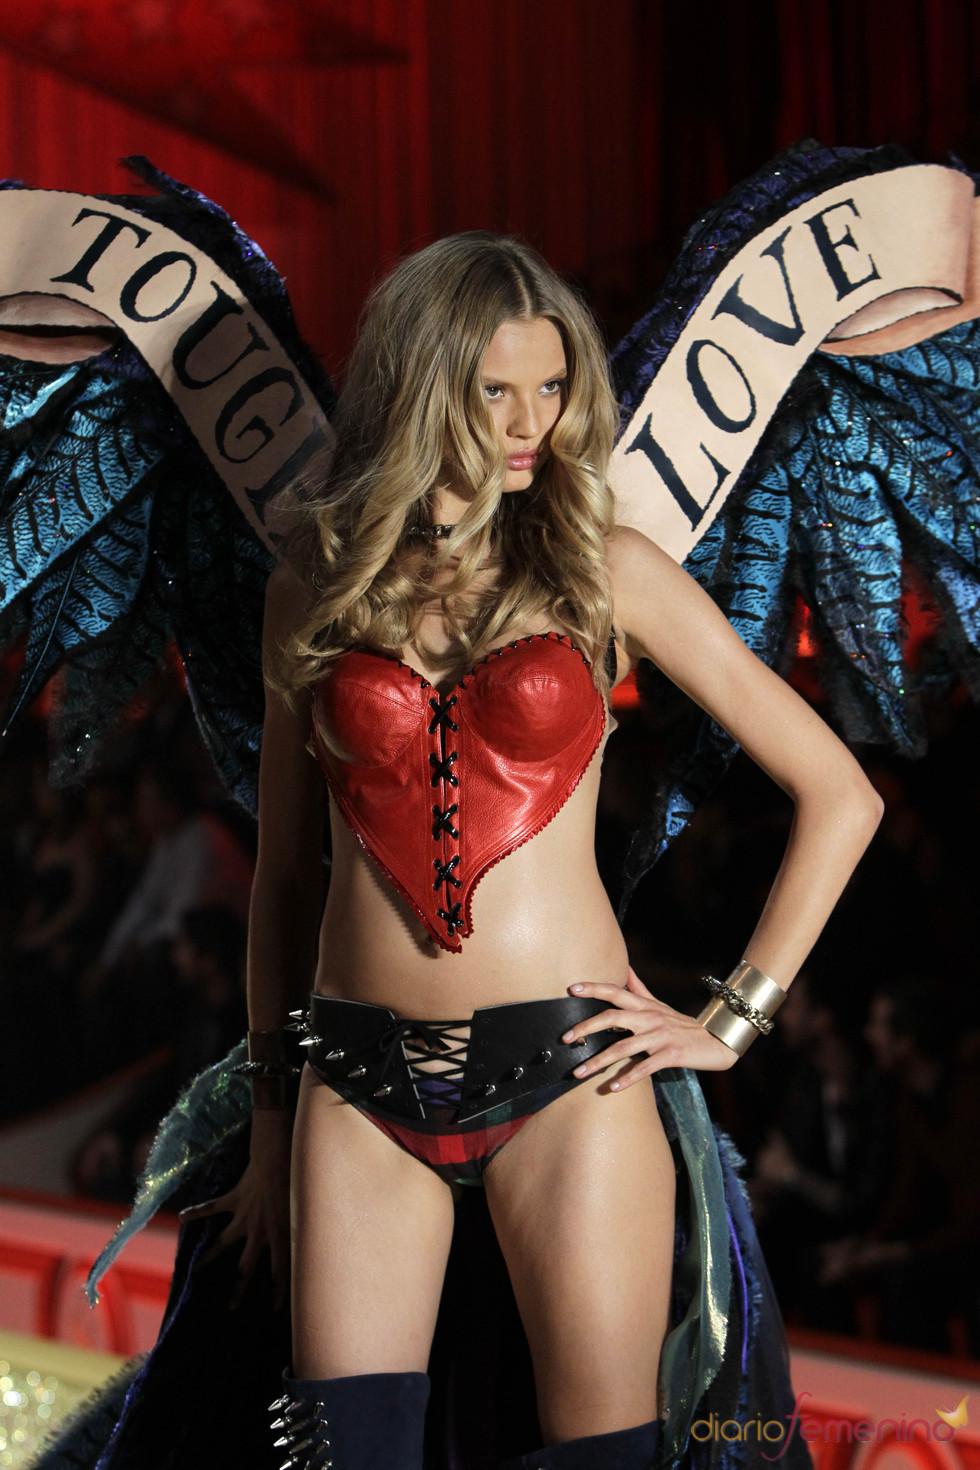 La originalidad es la seña de identidad de Victoria's Secret